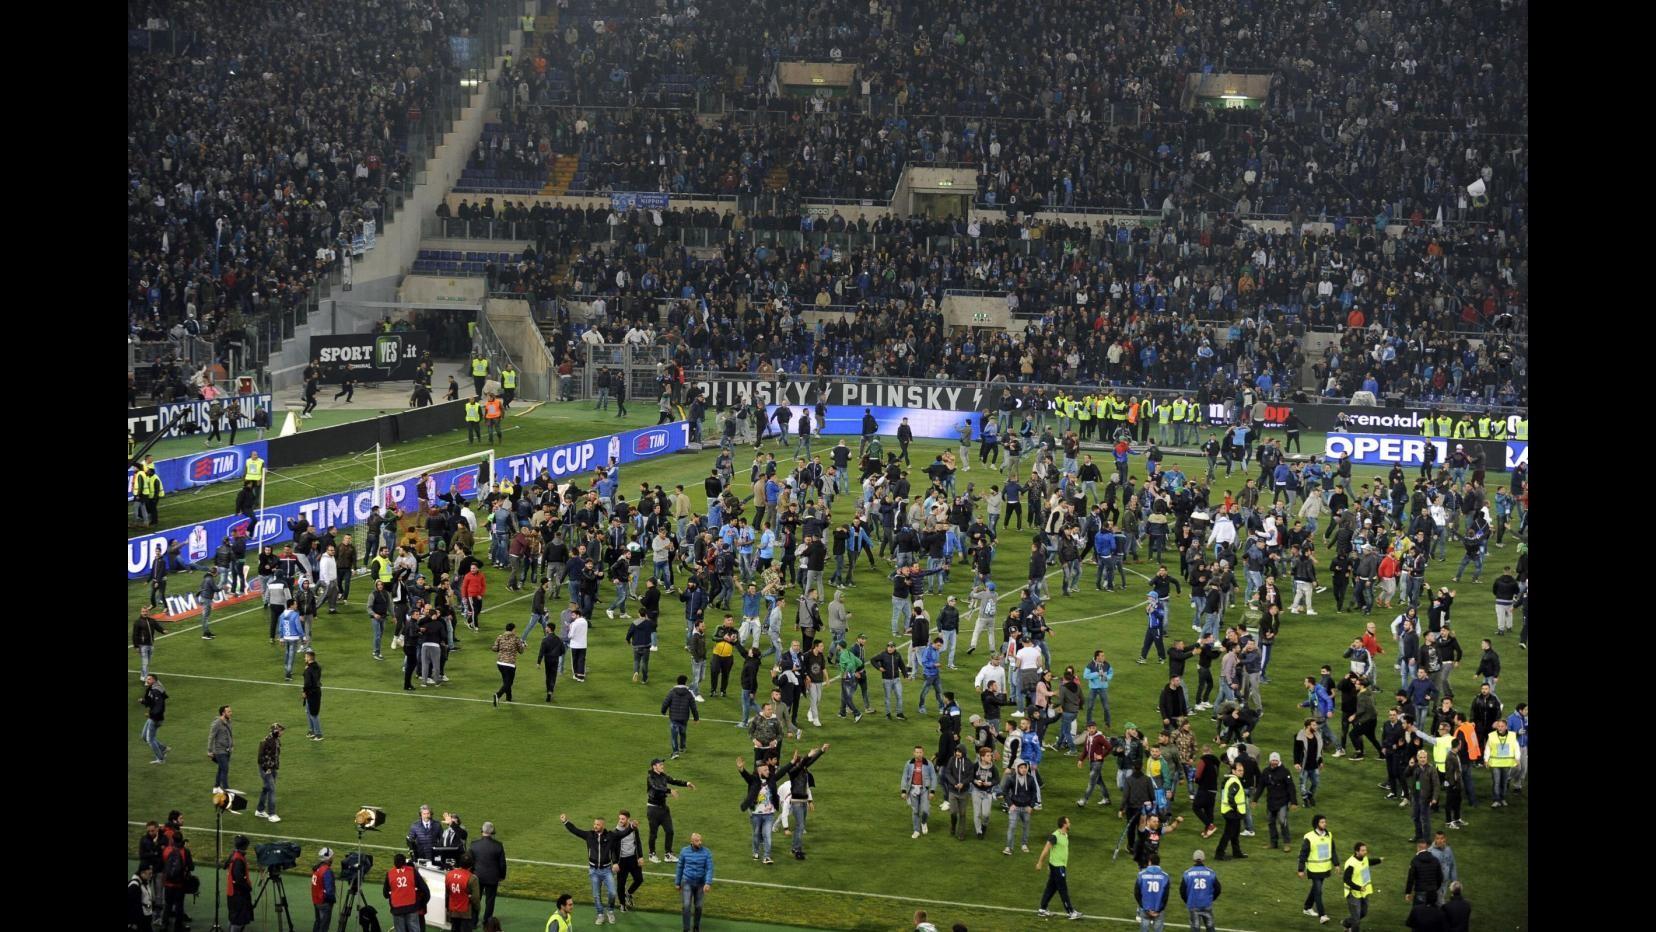 Spari Coppa Italia, Genny 'a carogna: Nessuna trattativa con la Digos